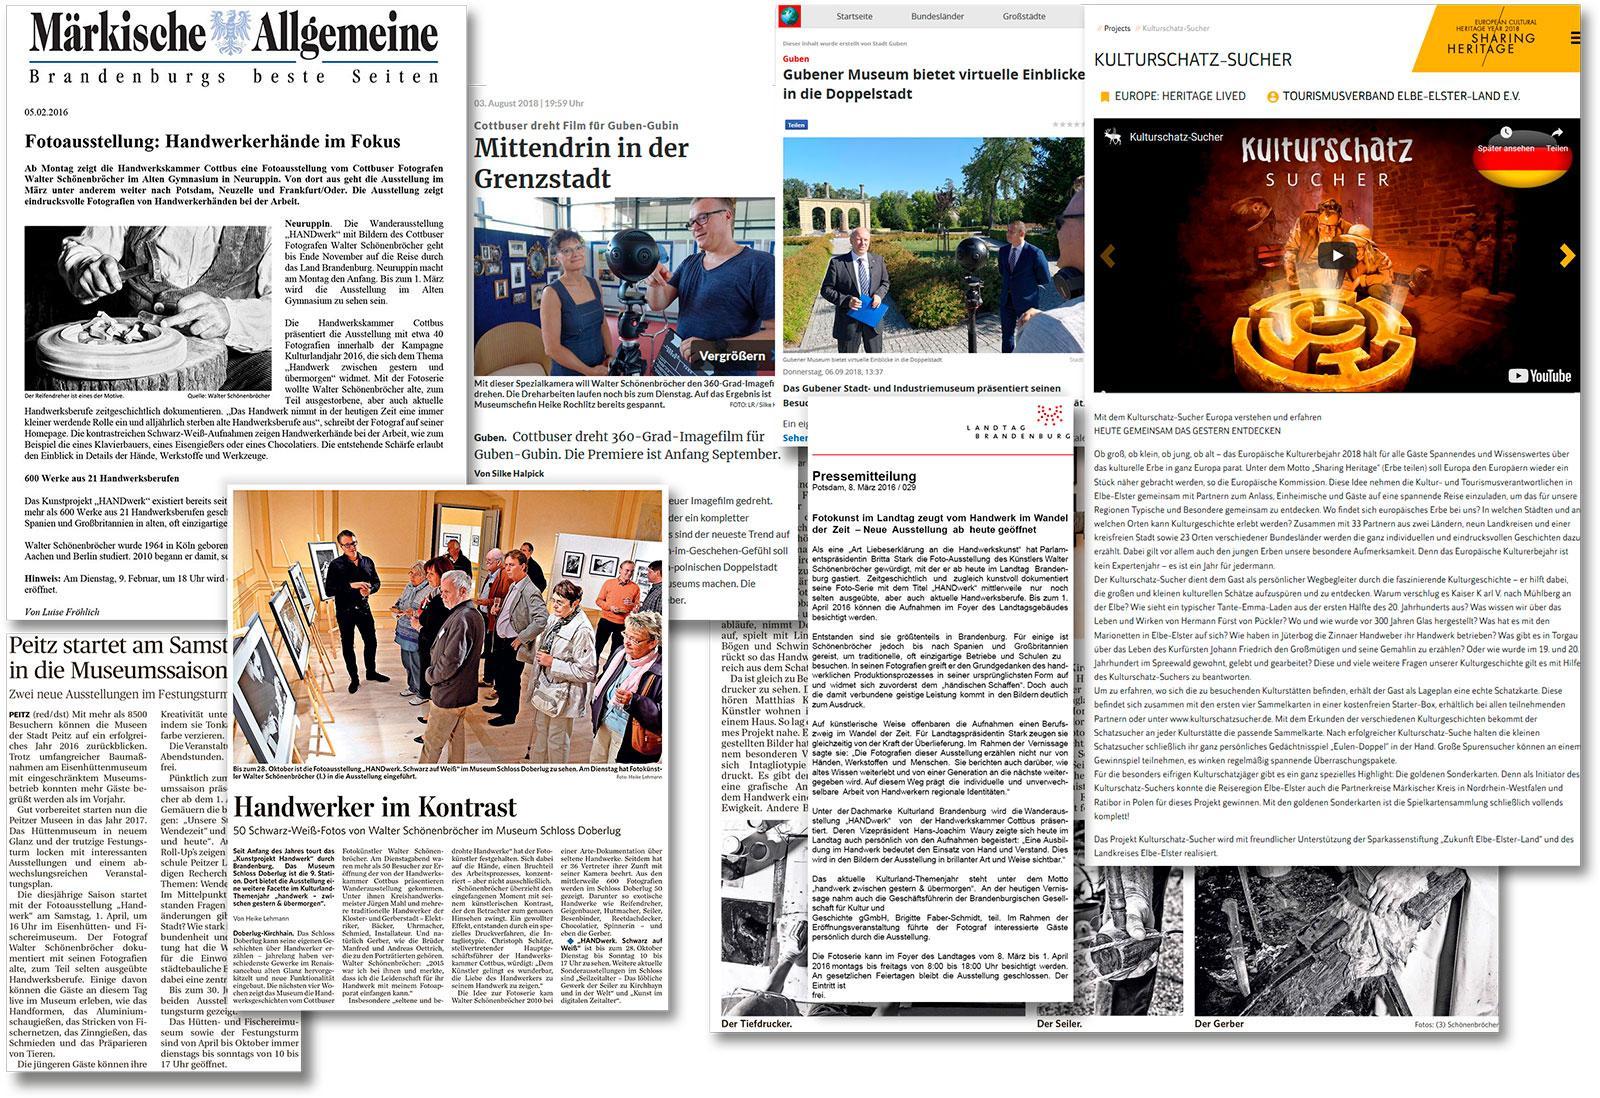 Pressemeldungen WHITESTAG VR Museum